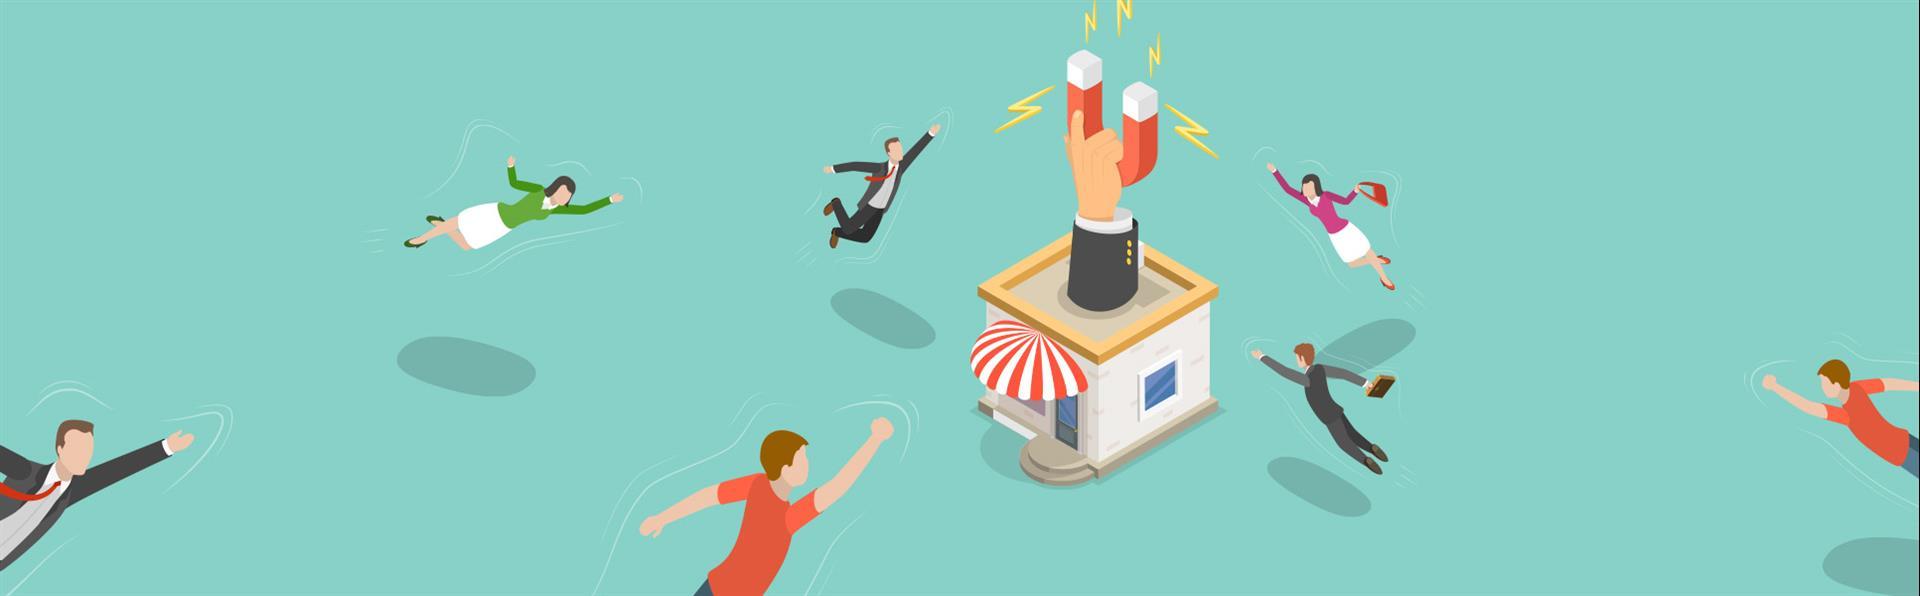 Эффективные способы уменьшить отток клиентов в современном бизнесе